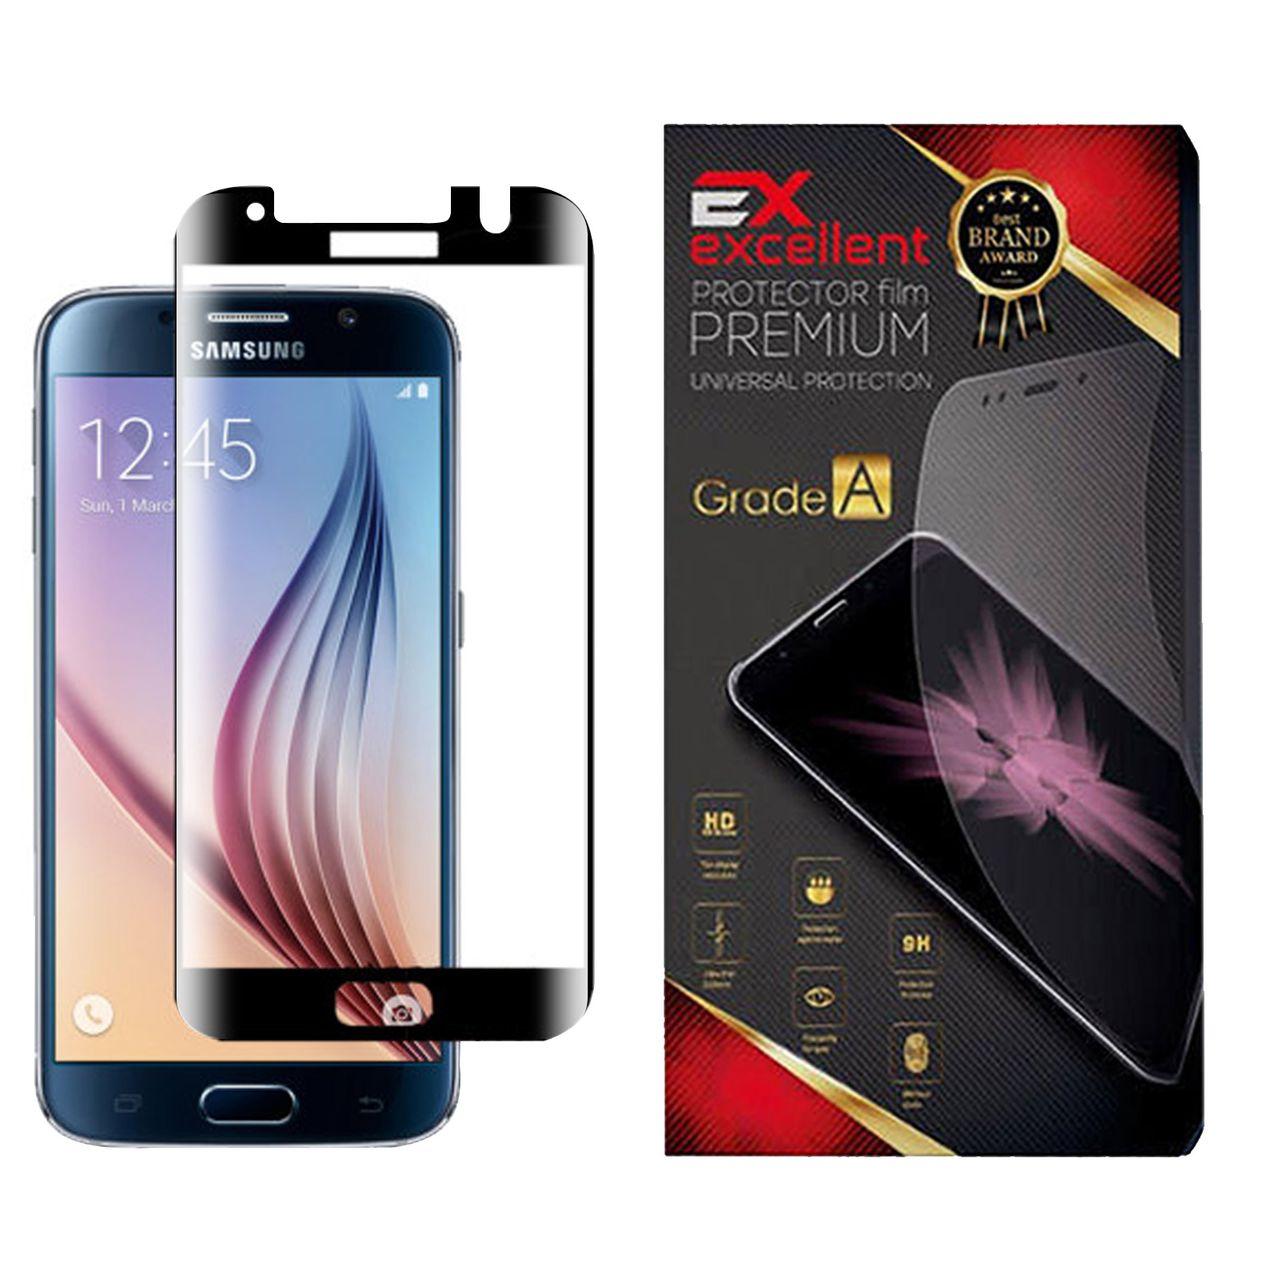 محافظ صفحه نمایش ایکس اکسلنت مدل 6X مناسب برای گوشی موبایل سامسونگ Galaxy S6 edge